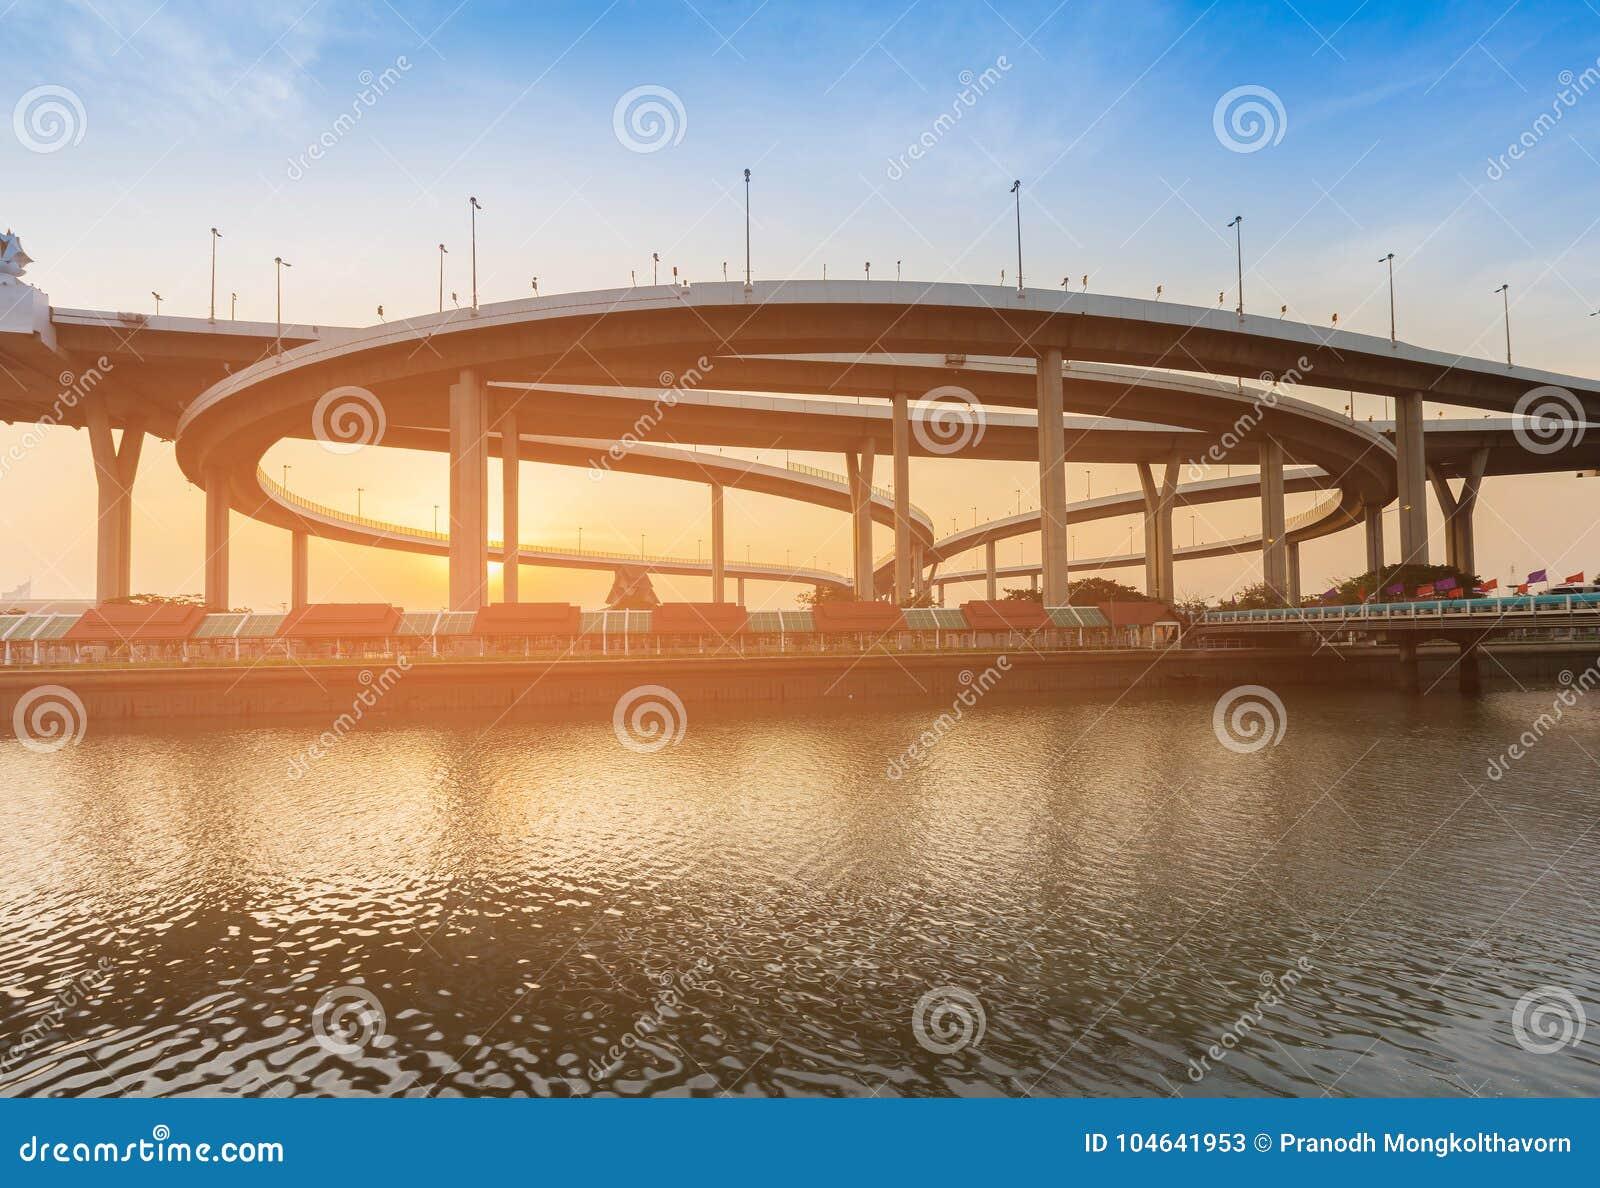 Download Ronde Het Watervoorzijde Van De Wegkruising Stock Afbeelding - Afbeelding bestaande uit nacht, outdoors: 104641953